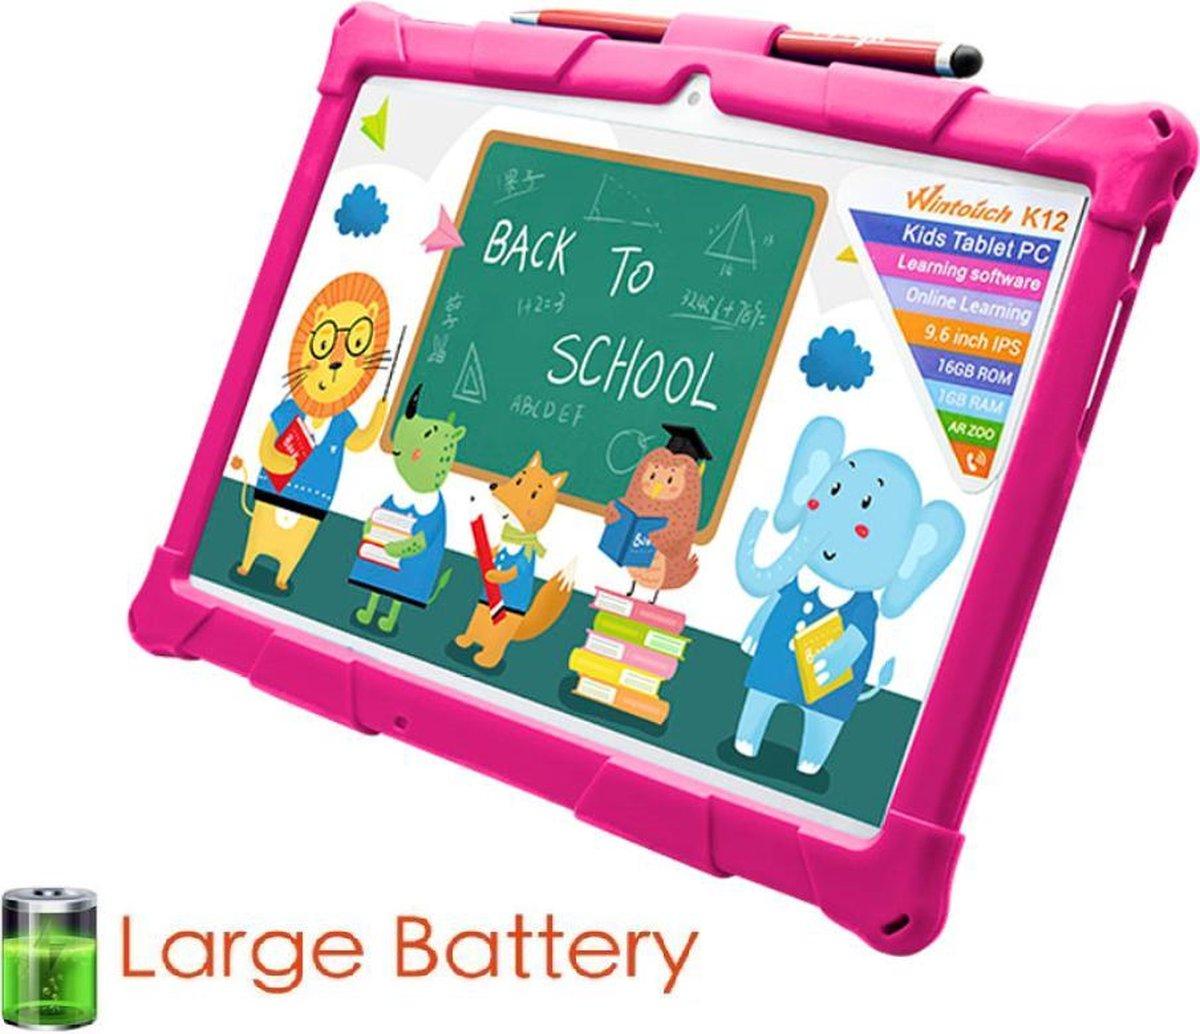 Kindertablet smart - kidstablet disney+ netflix - Tablet 10 inch - 32GB - vanaf 2 jaar - Scherp hd ips beeld - leerzame tablet voor kinderen - Wifi - Bluetooth - voor camera - sim kaart slots - kinder tablet - uitstekende batterij - 1 jaar garantie